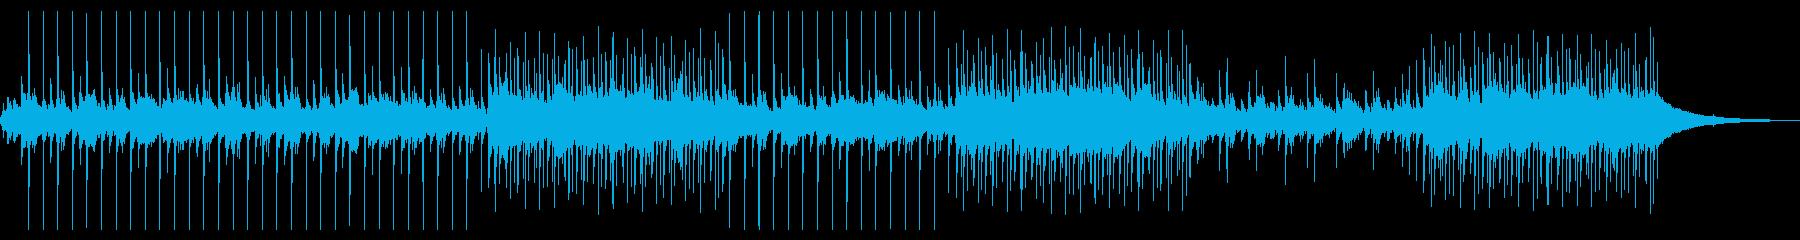 朝・爽やか・穏やか チルヒップホップの再生済みの波形